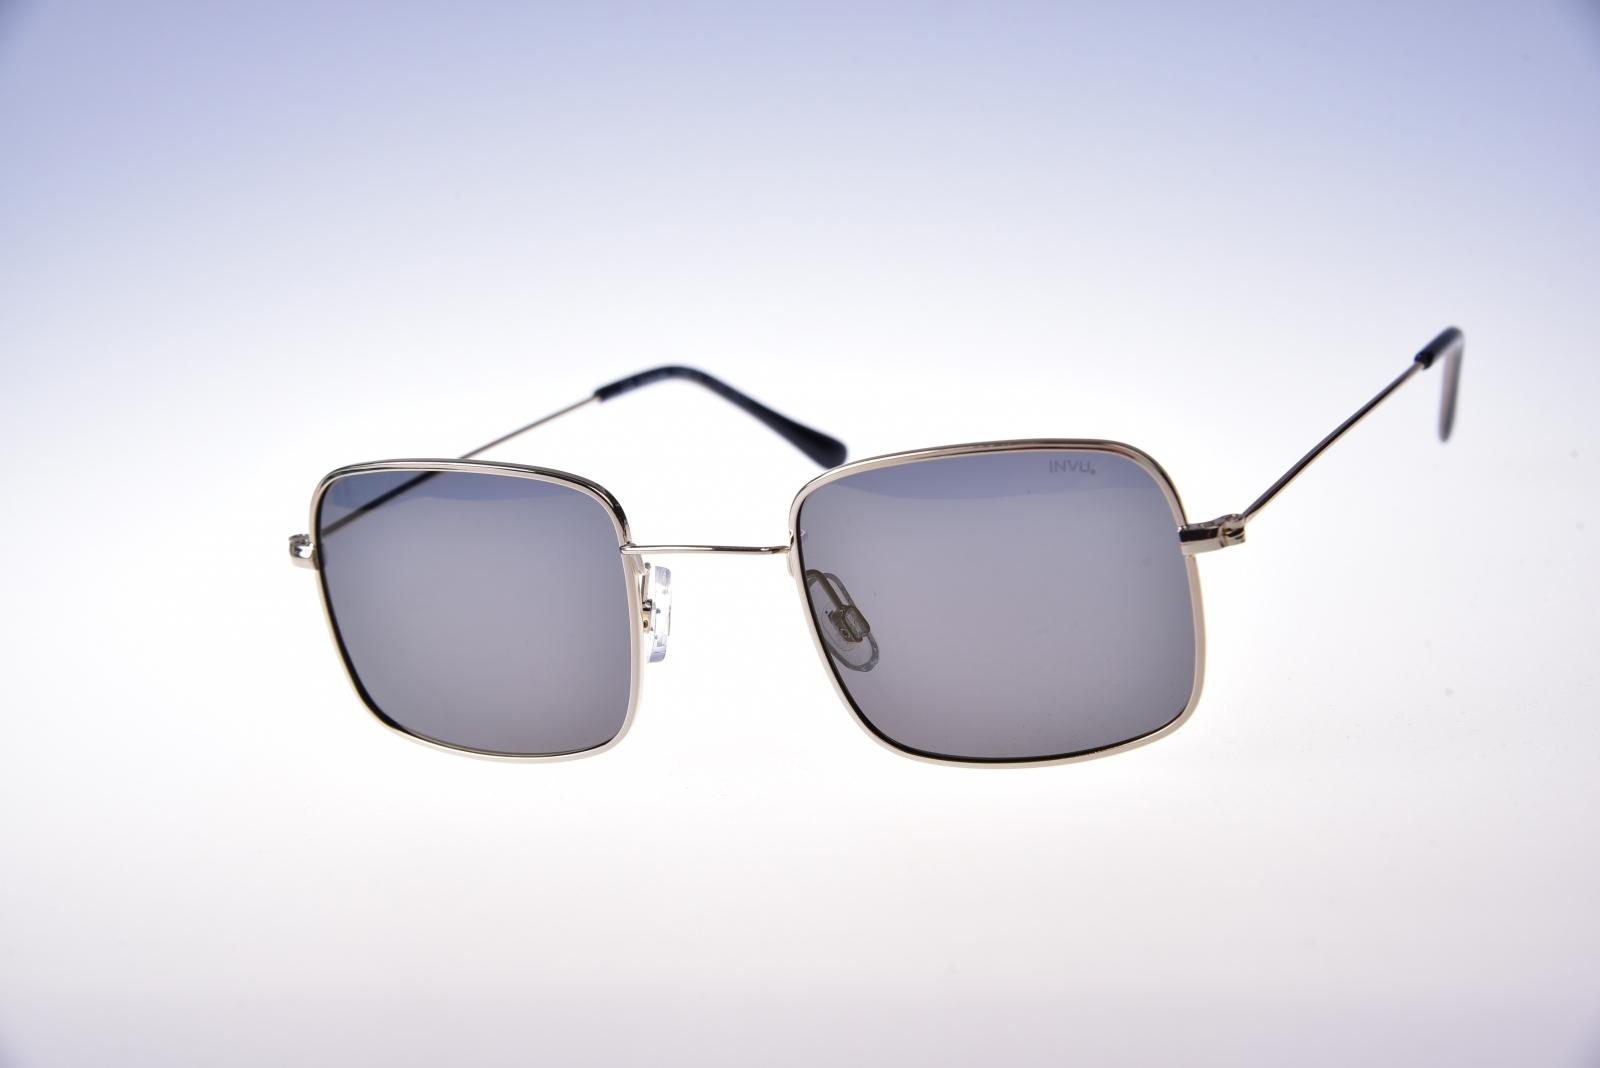 INVU. Trend T1907D - Pánske slnečné okuliare